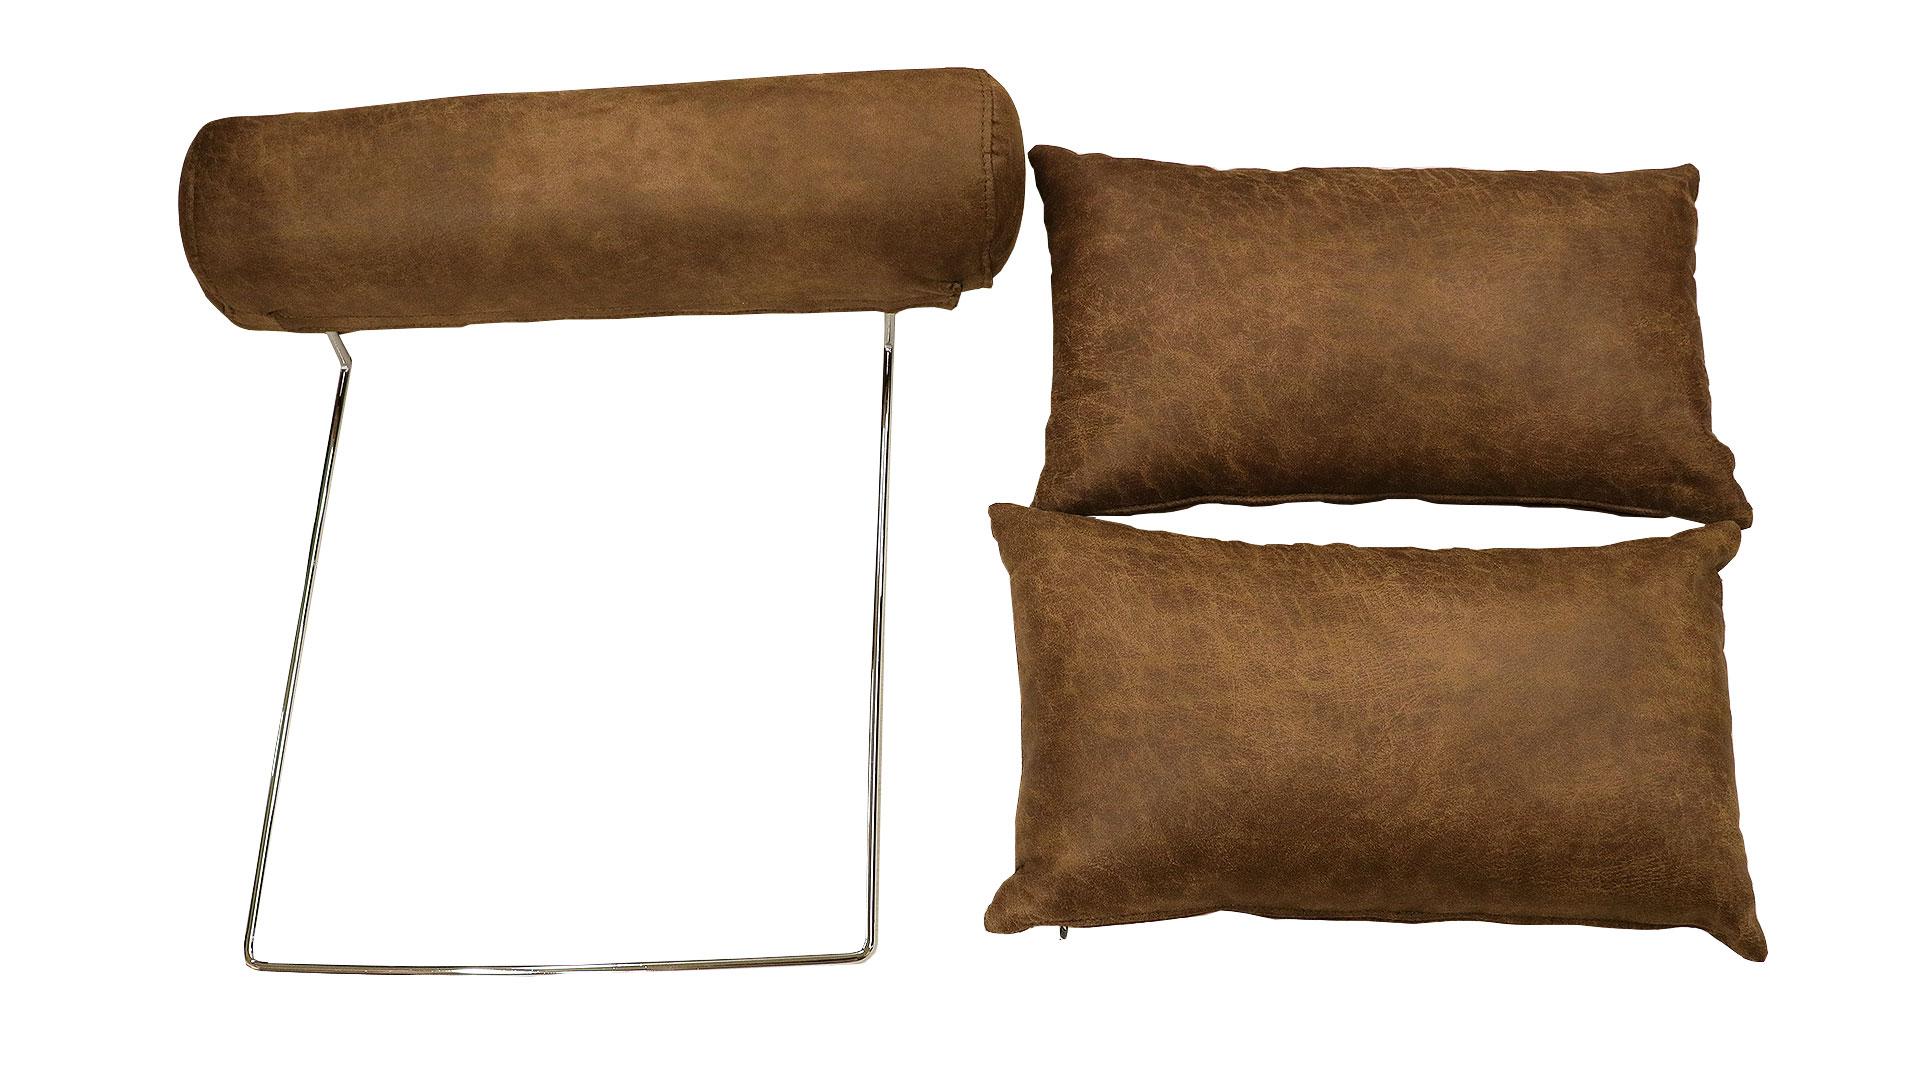 レザーテックス素材を使用した横幅185㎝のL字型の組み換えが出来るカウチソファ、コルサのヘッドレストとクッションの画像